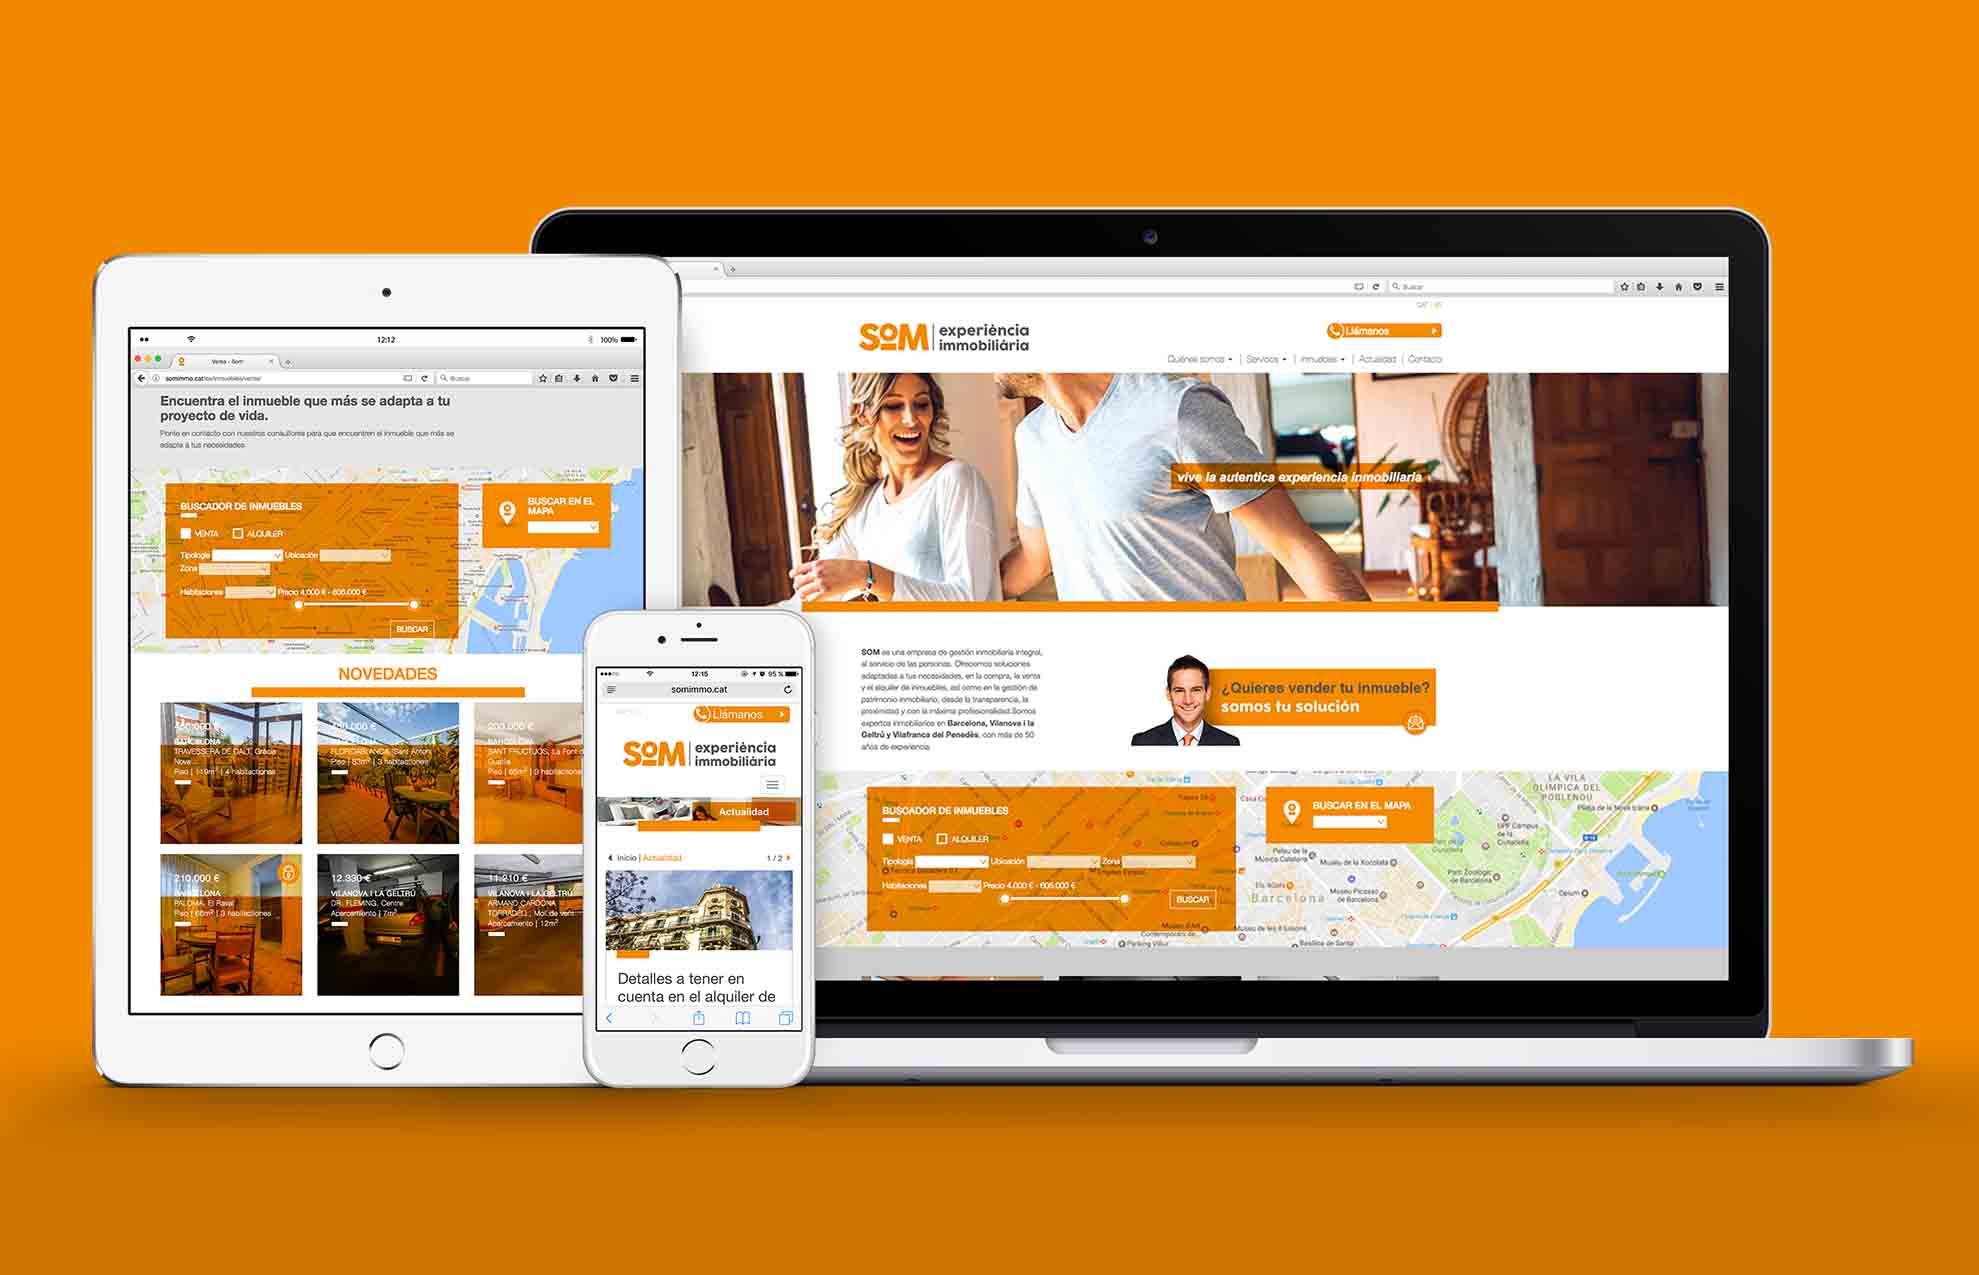 disseny web immobiliaria barcelona - Mediactiu, agencia de publicidad especializada en estrategias de branding